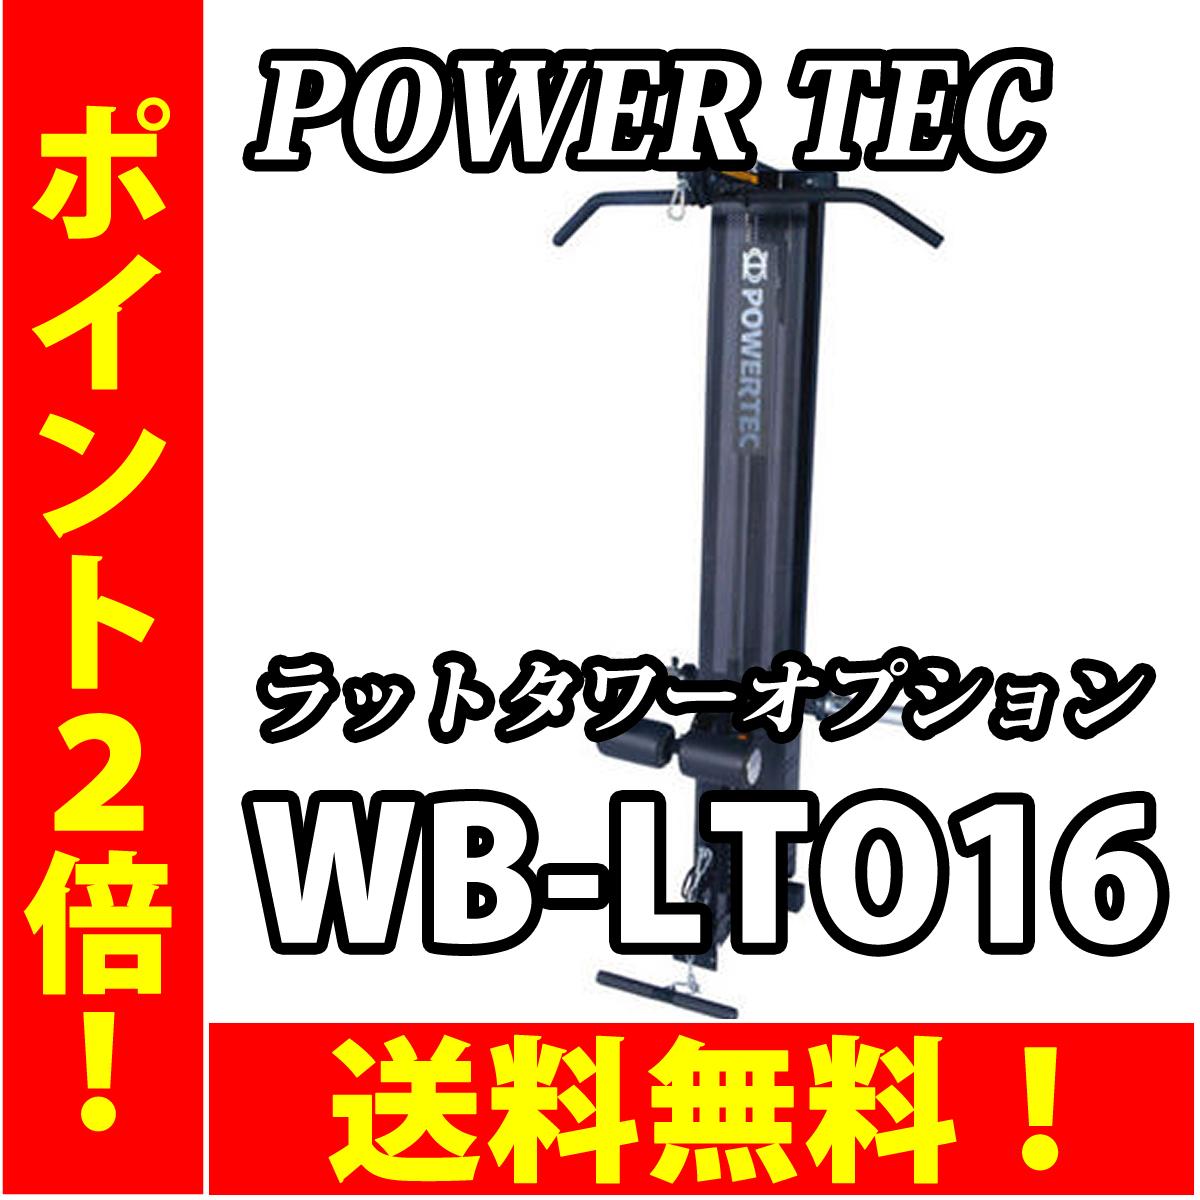 【ポイント2倍!】【送料無料】POWER TEC (パワーテック)社製(USA)WB-LTO16 ラットタワーオプション【代引き不可】